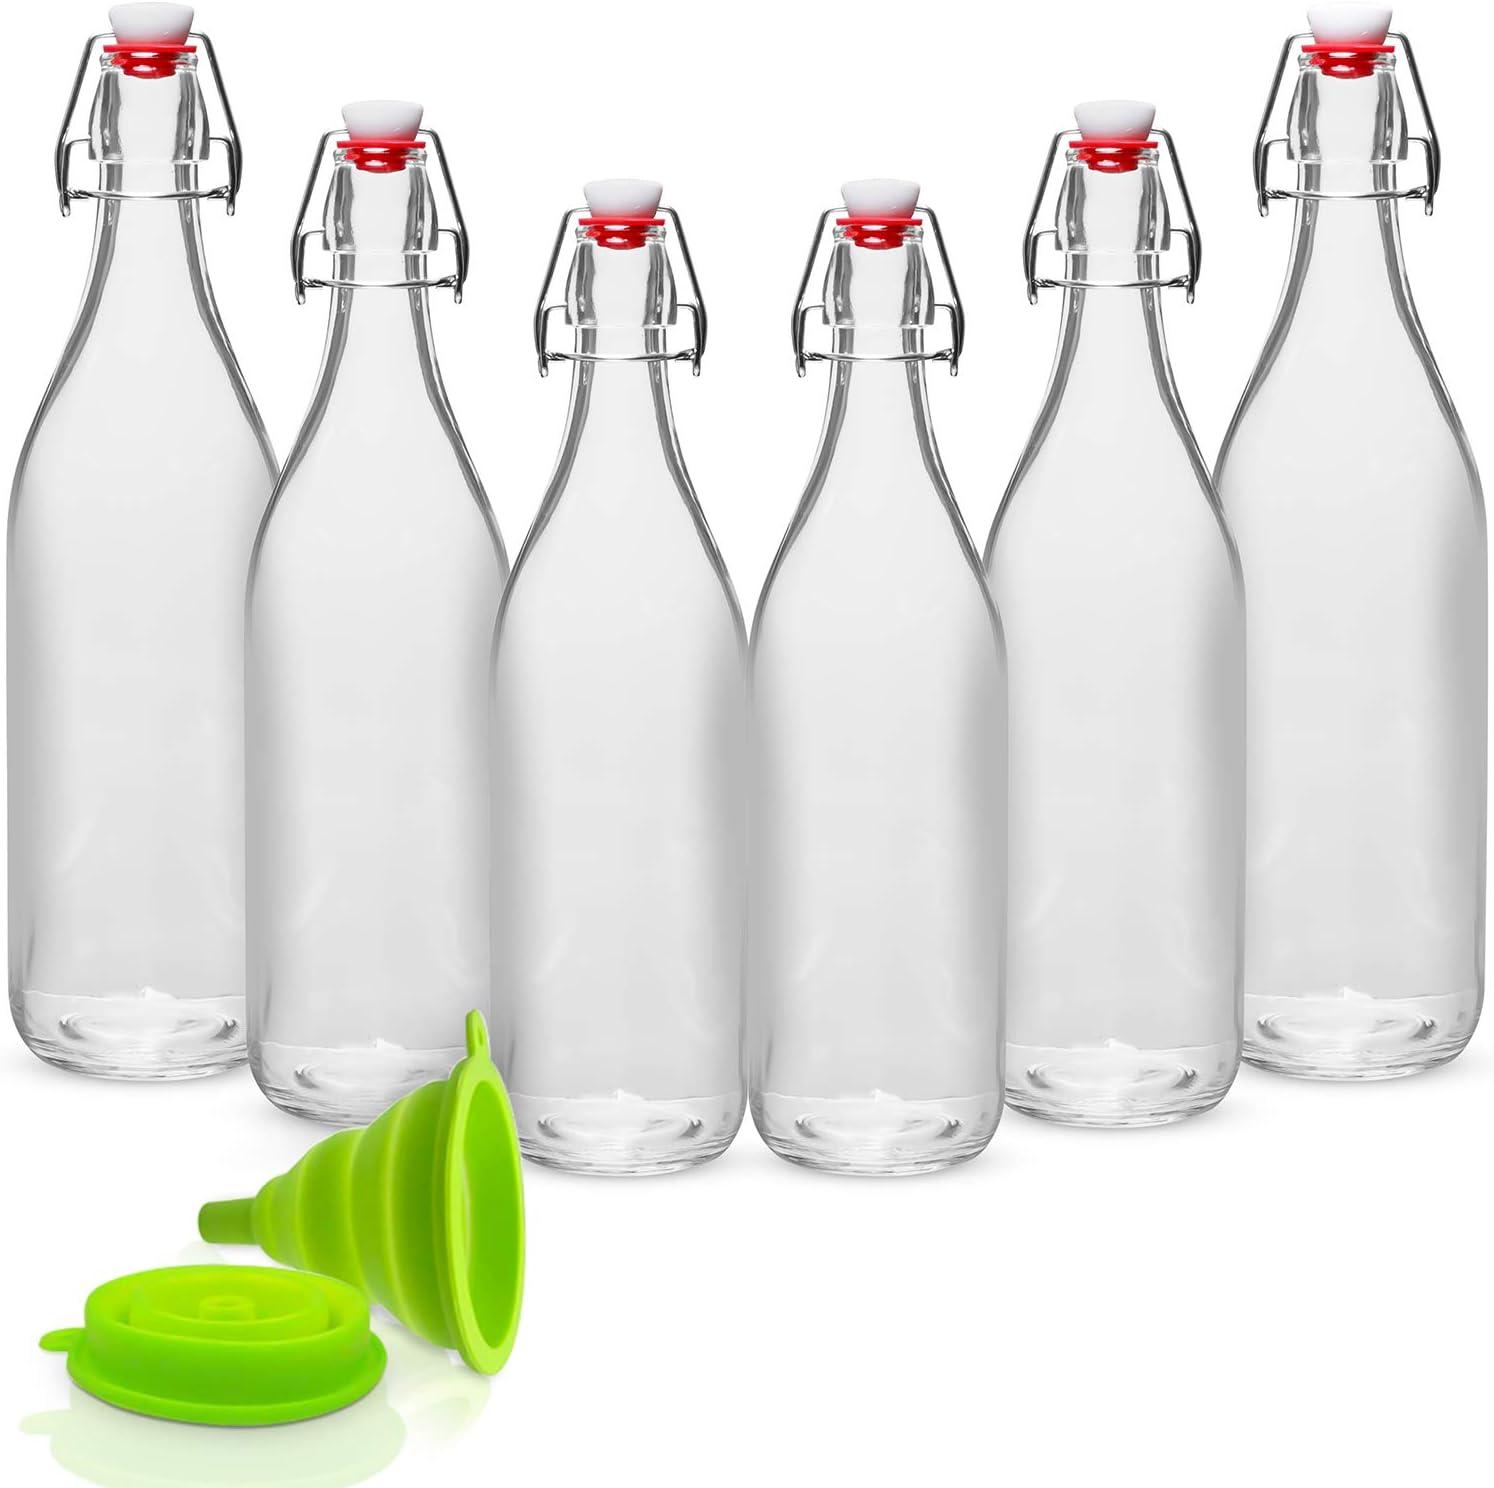 WILLDAN Giara Glass Bottle with Stopper Caps Gorgeous 6-33.75 of 1 year warranty Oz Set